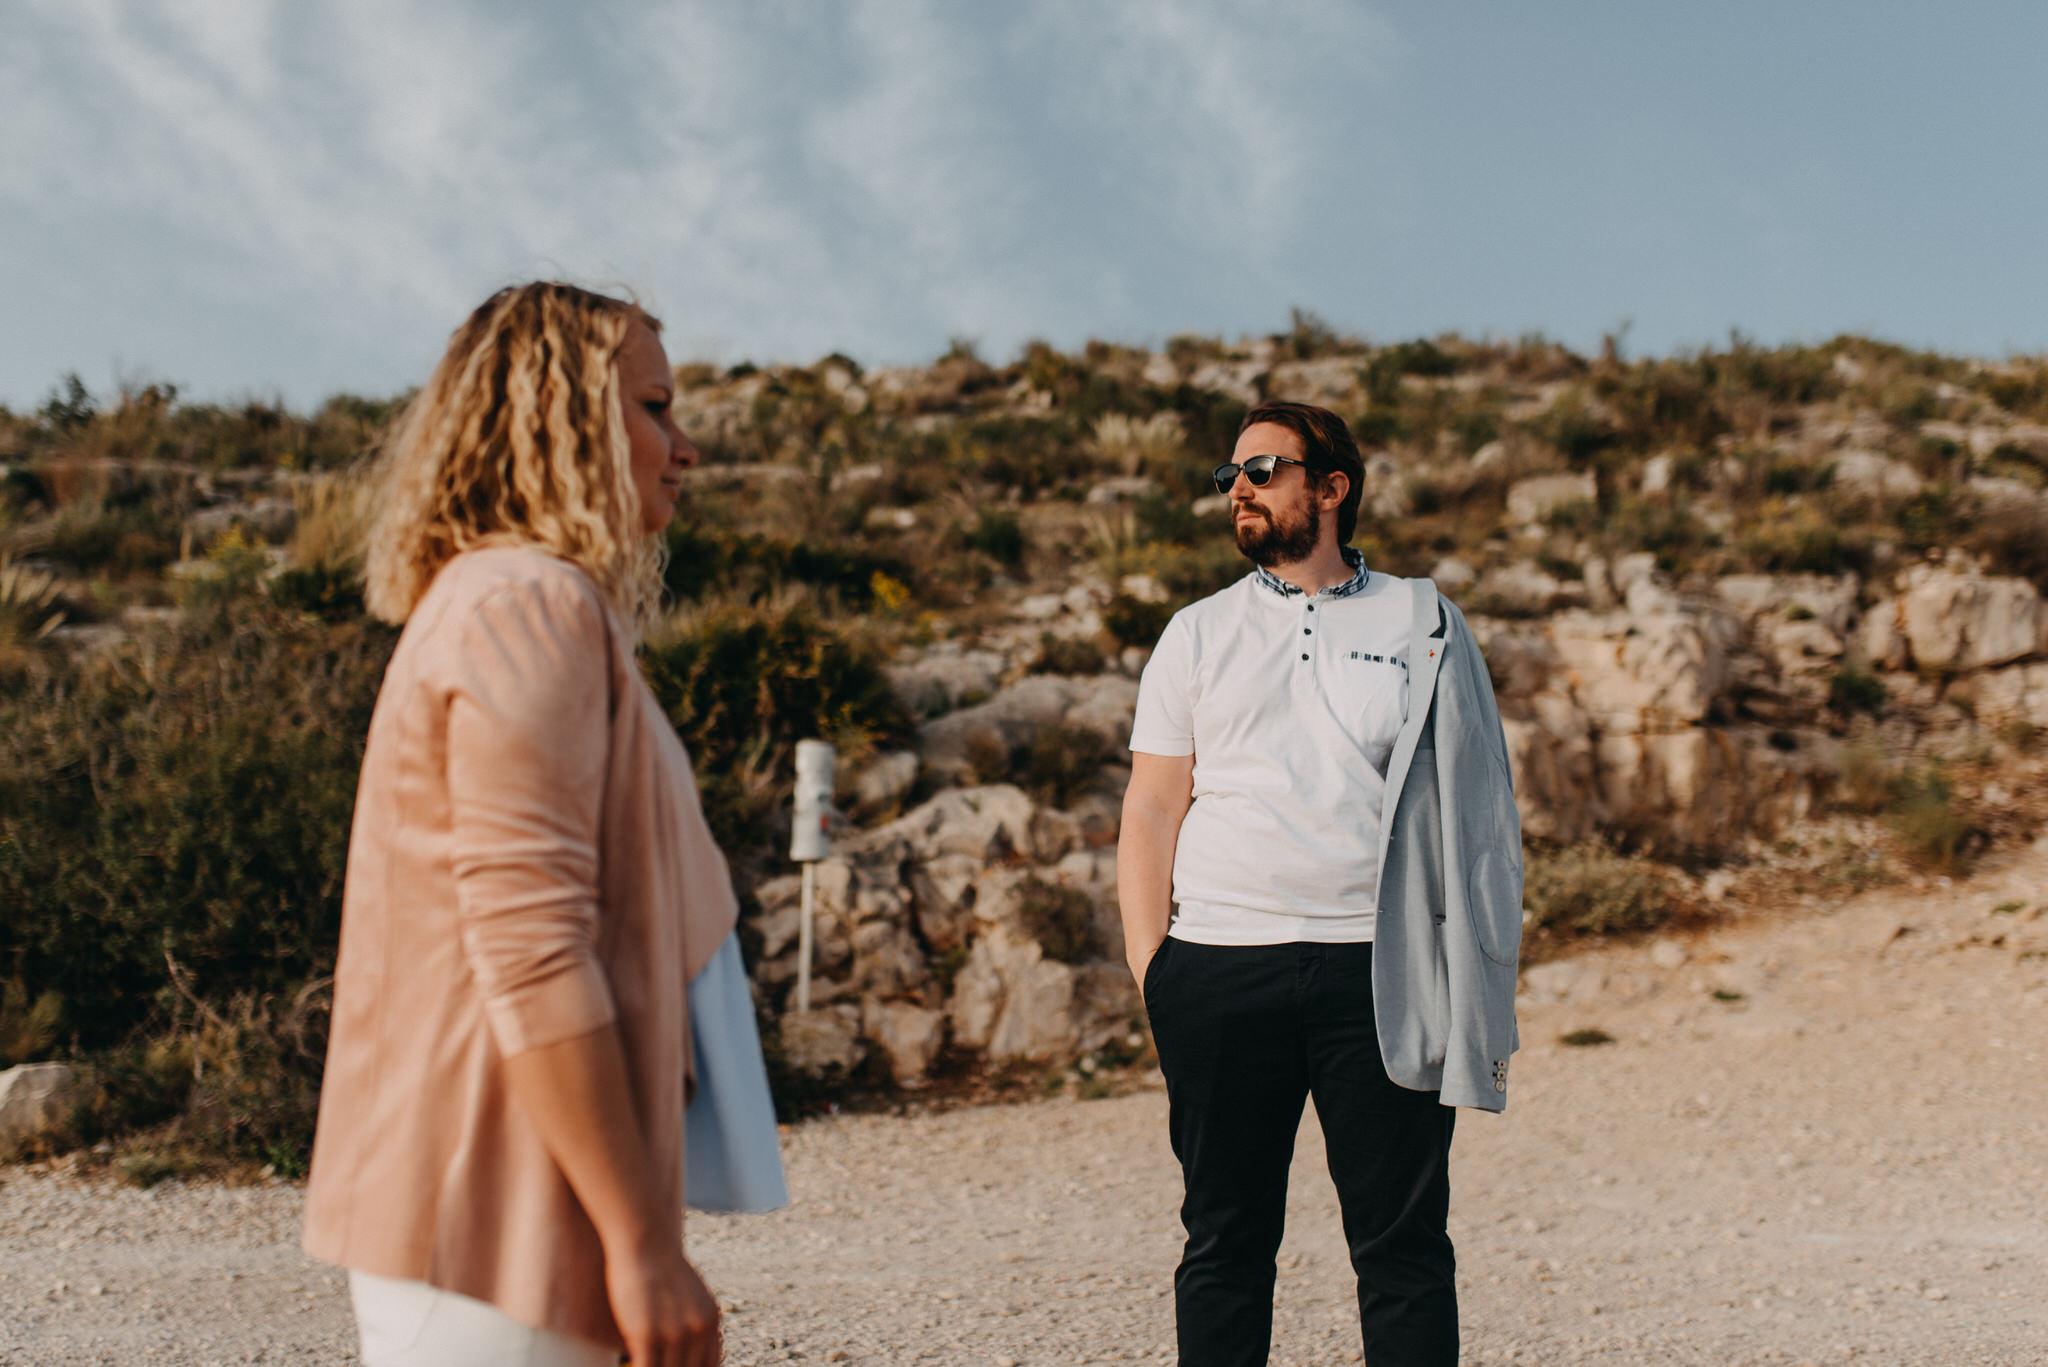 Sesja ślubna zagraniczzna Hiszpania Staszek Gajda0103.JPG